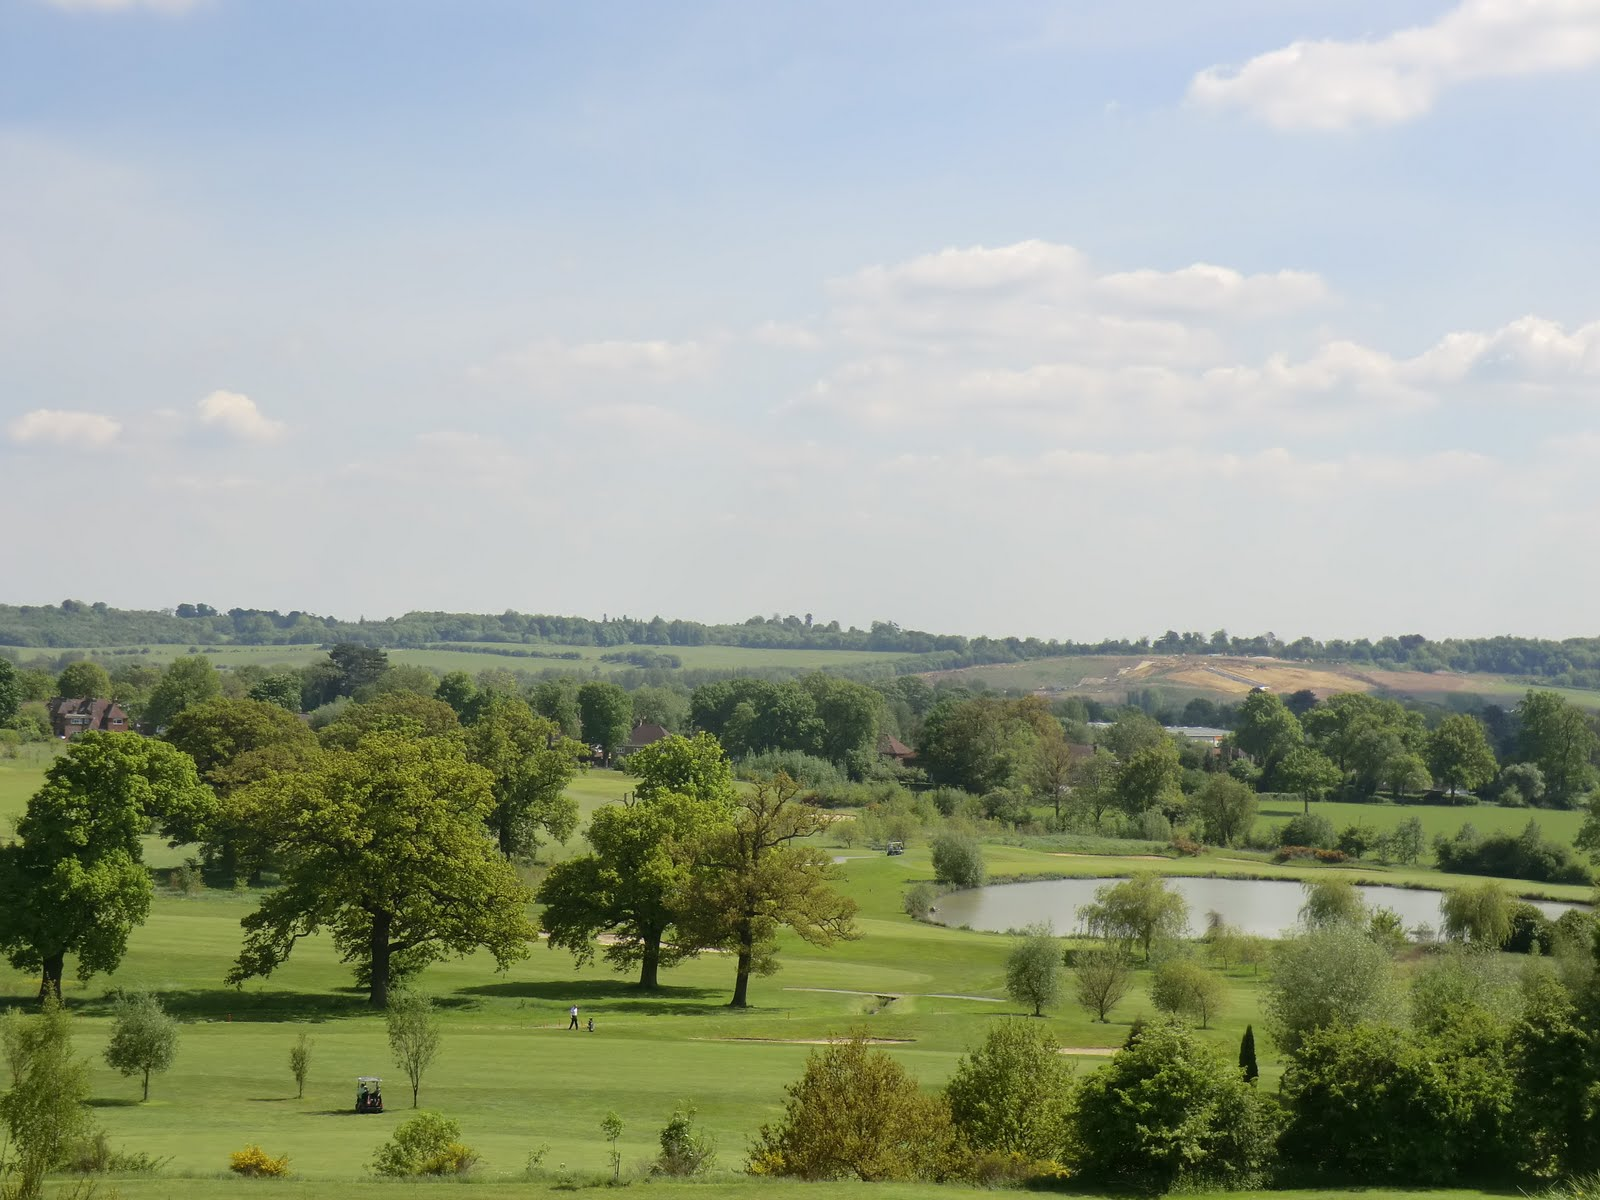 CIMG6820 Across Reigate Hill Golf Course